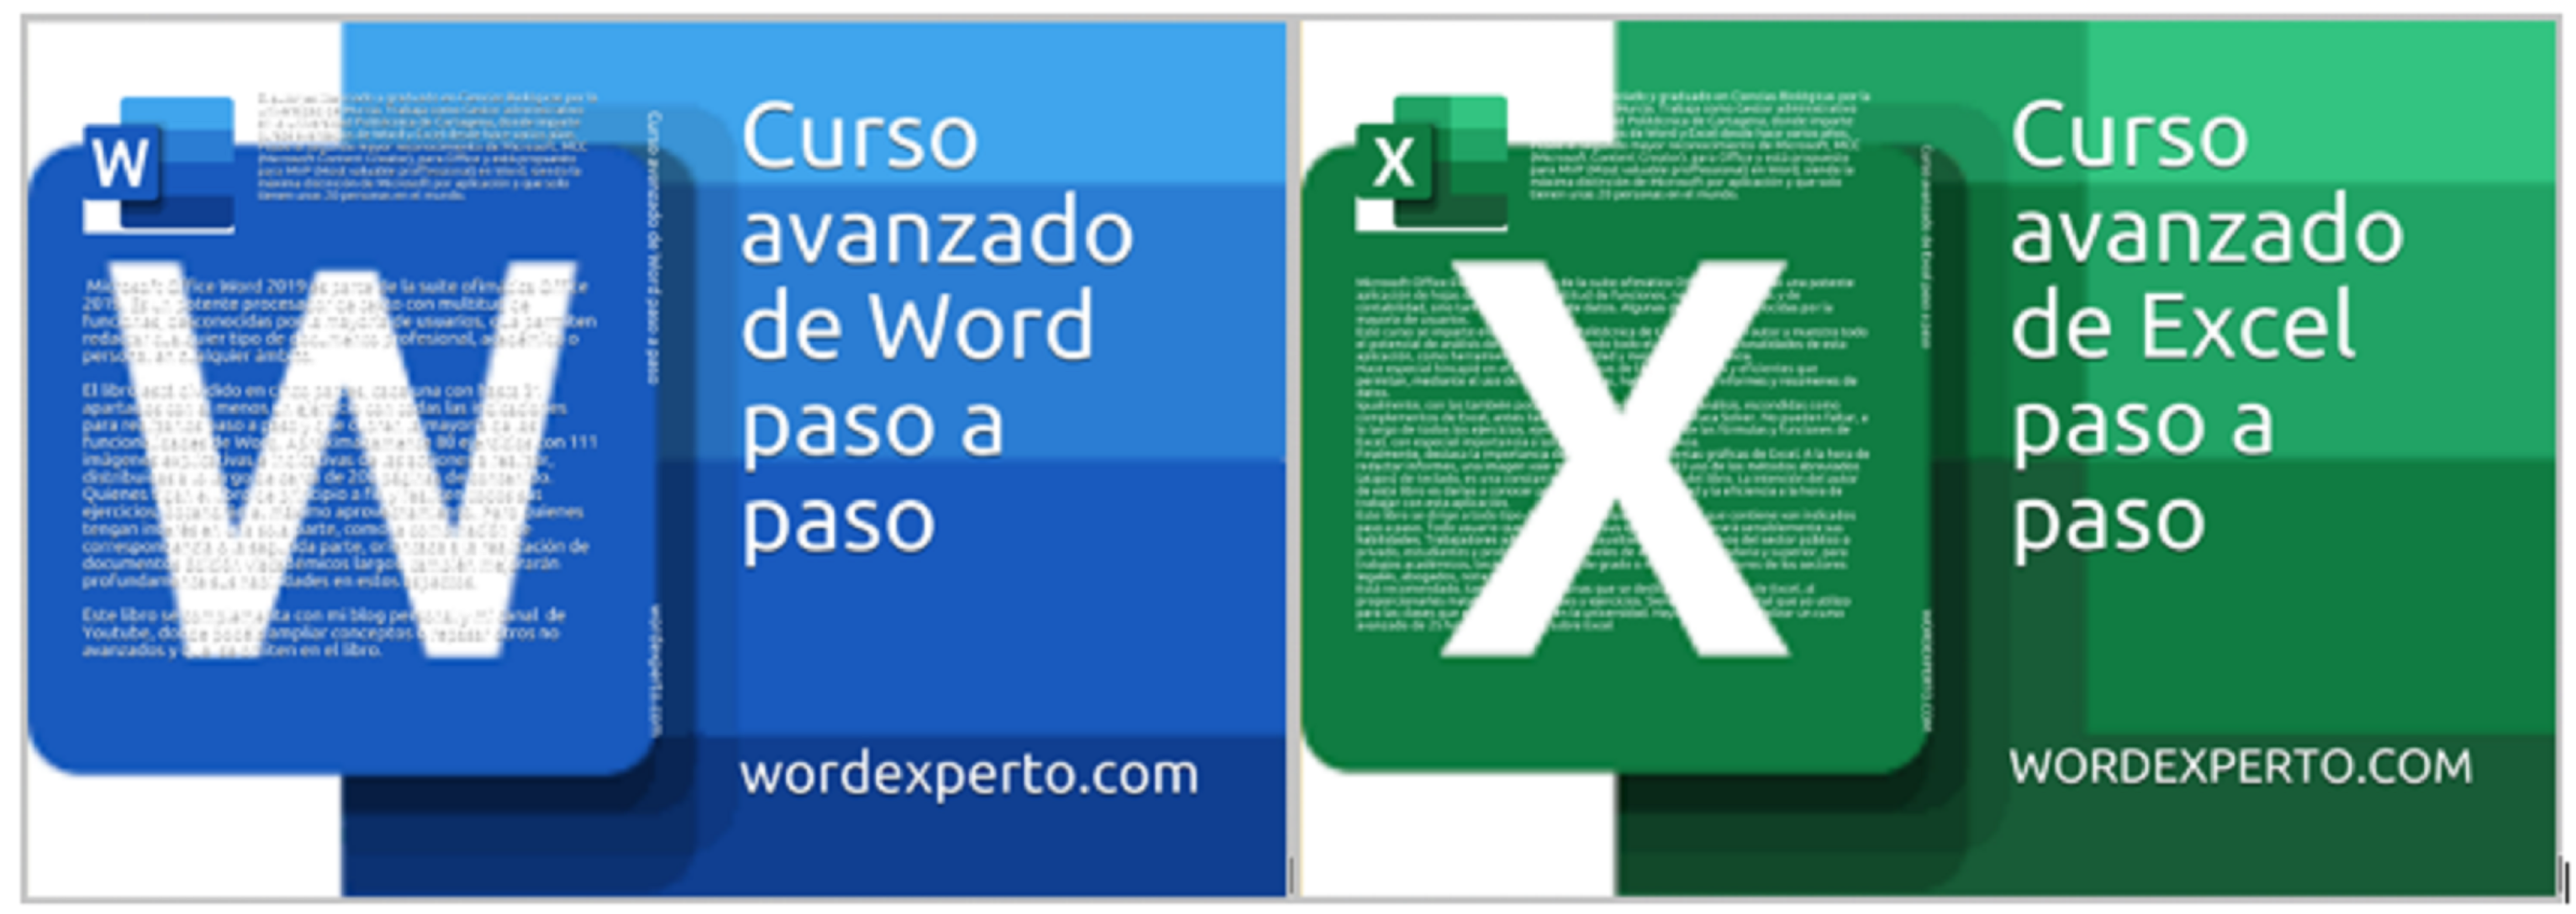 WordExperto